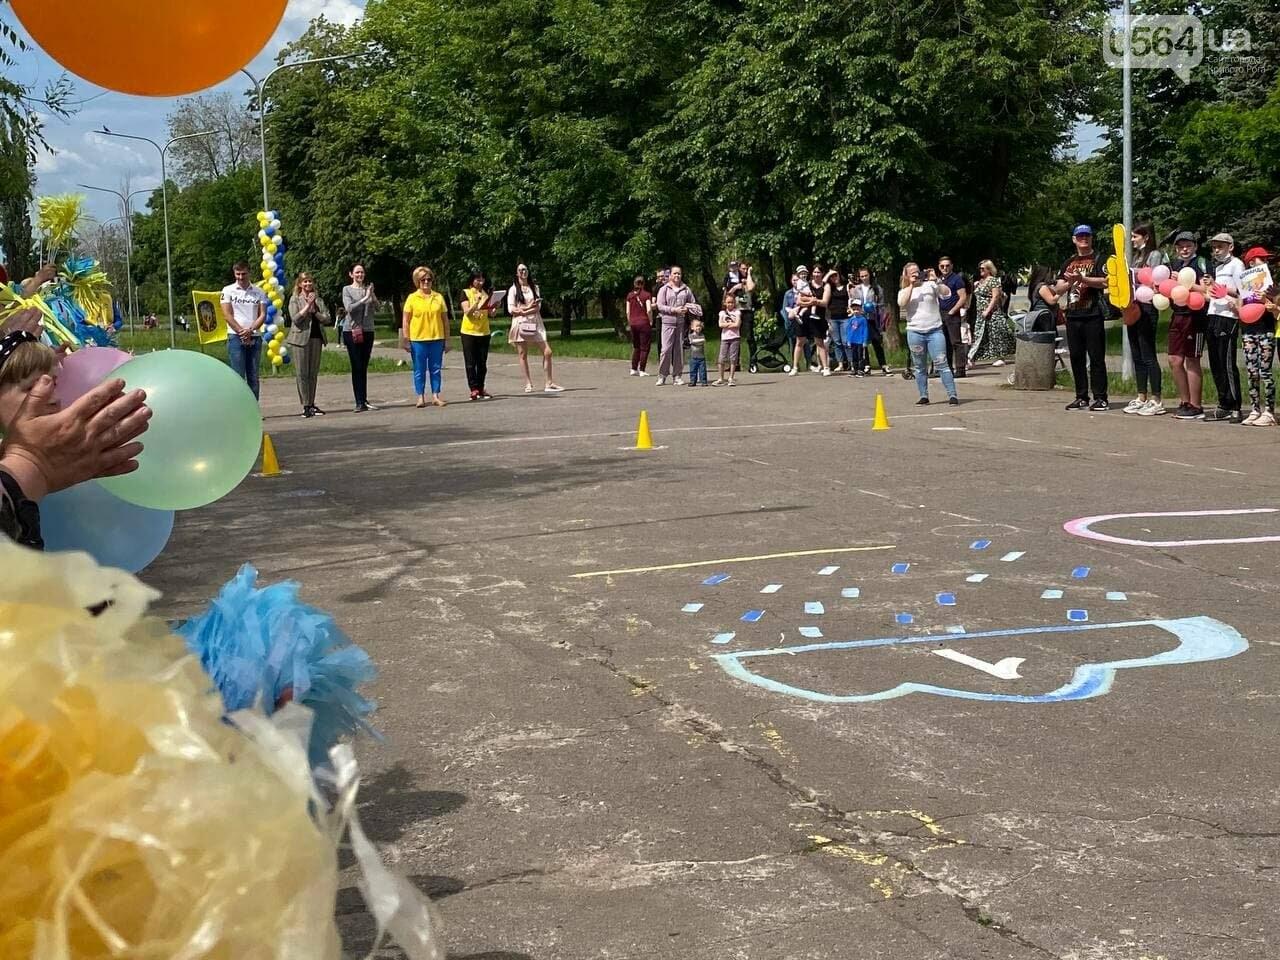 В Кривом Роге для детей провели спартакиаду, - ФОТО, ВИДЕО  , фото-31